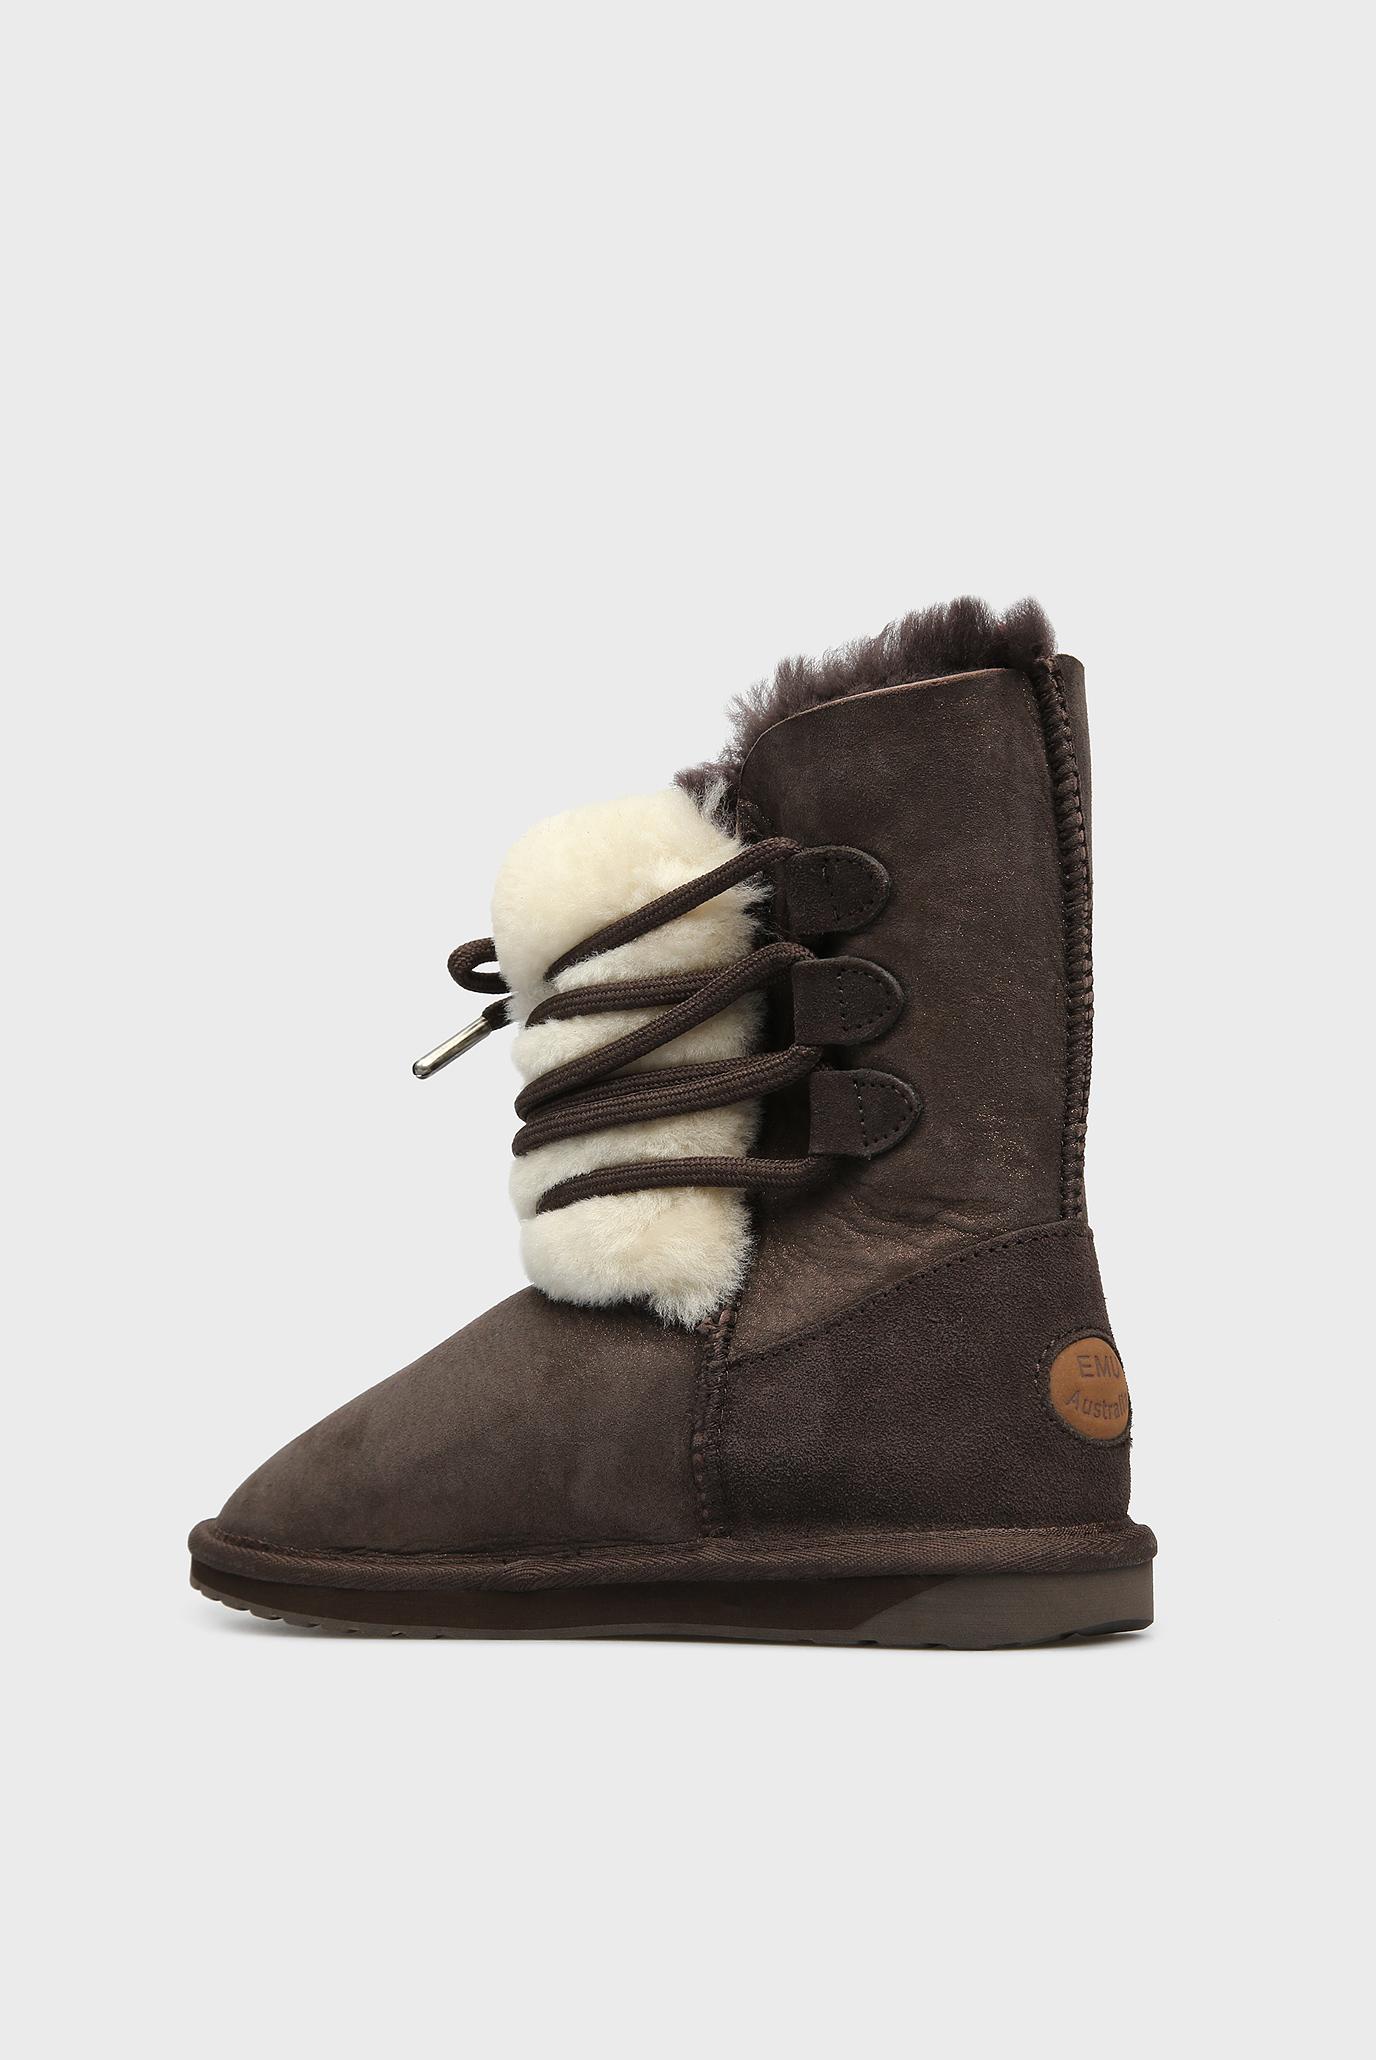 Купить Женские коричневые замшевые угги Sorby EMU Australia  EMU Australia  W11789 – Киев, Украина. Цены в интернет магазине MD Fashion